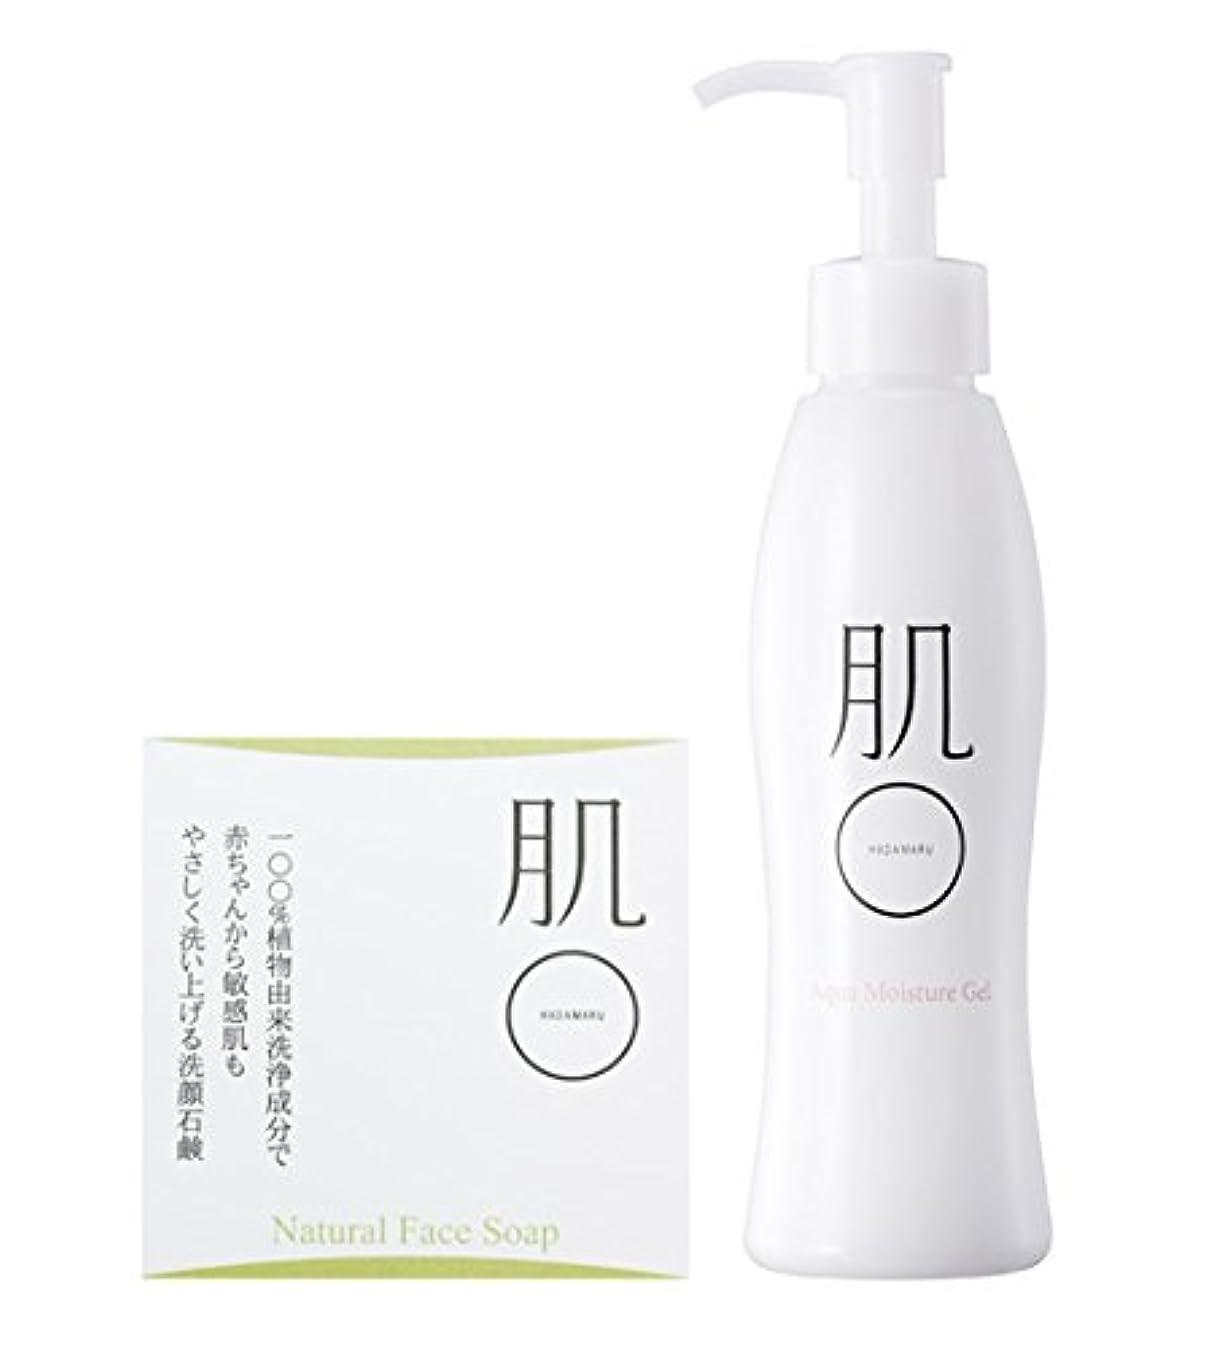 アノイマンモス見込み肌まる とにかく保湿セット(低刺激洗顔石鹸&高保湿オールインワンゲル)